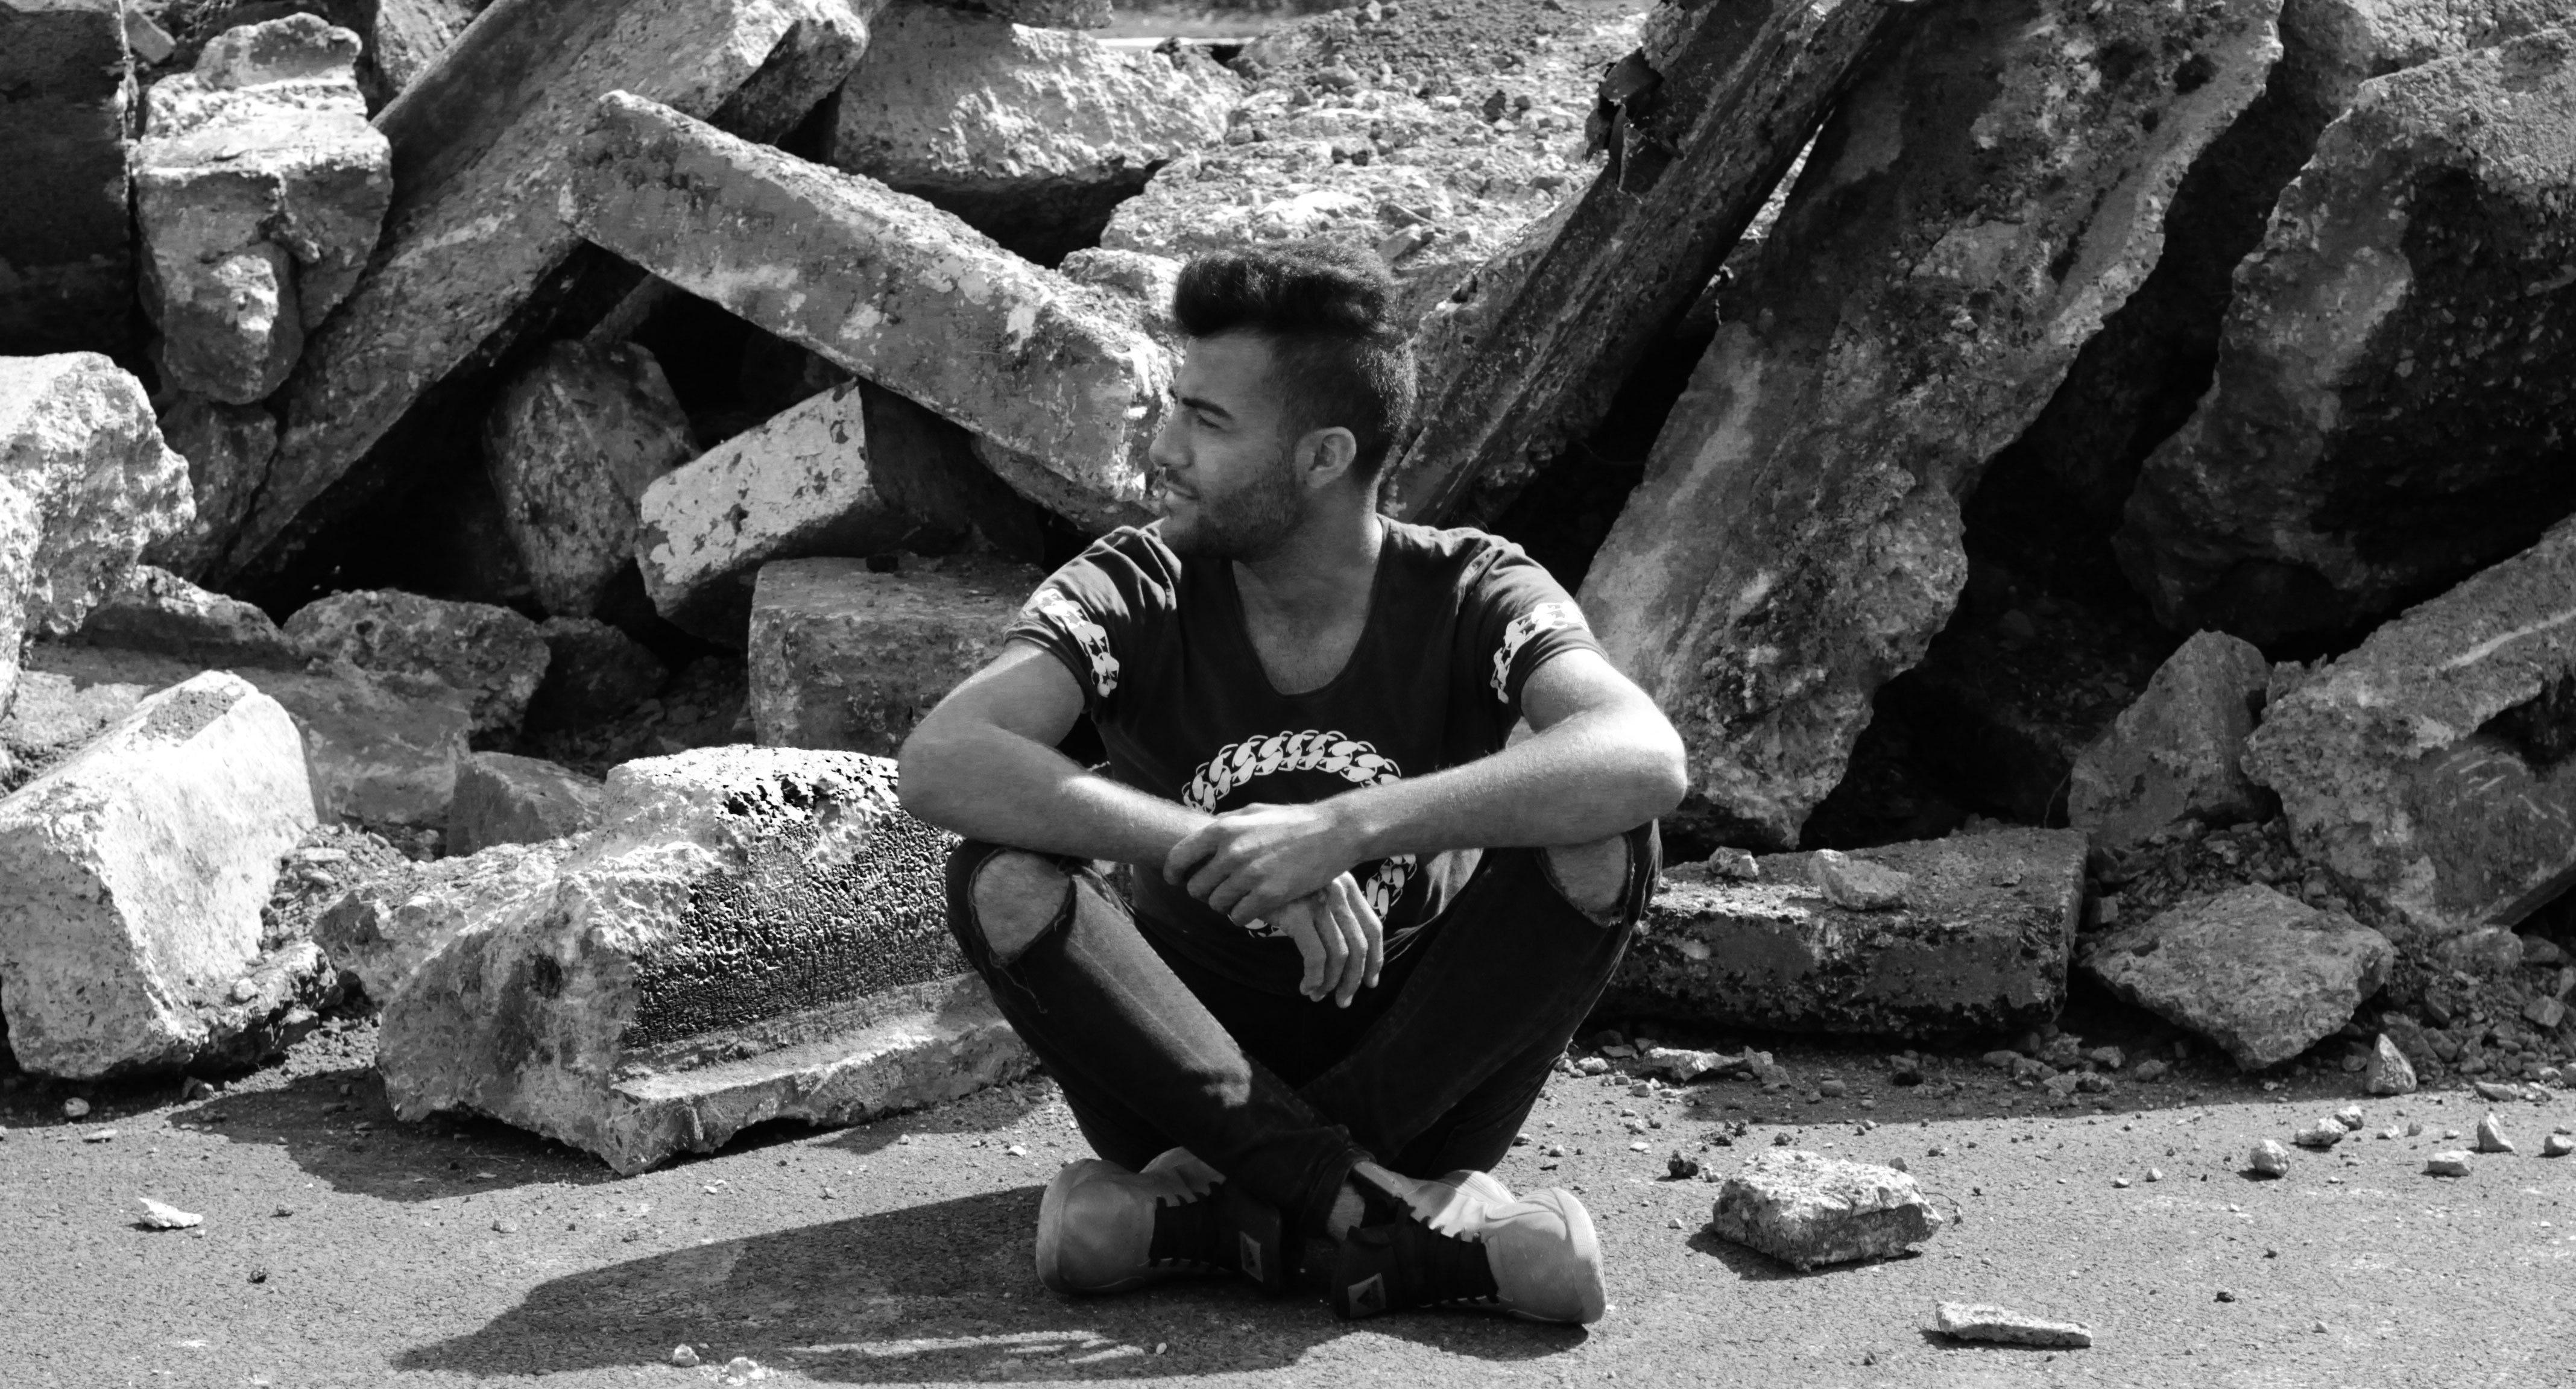 FOTO RÖPORTAJ | Türkü söyler gibi mücadele eden bir yapıcının hikâyesi